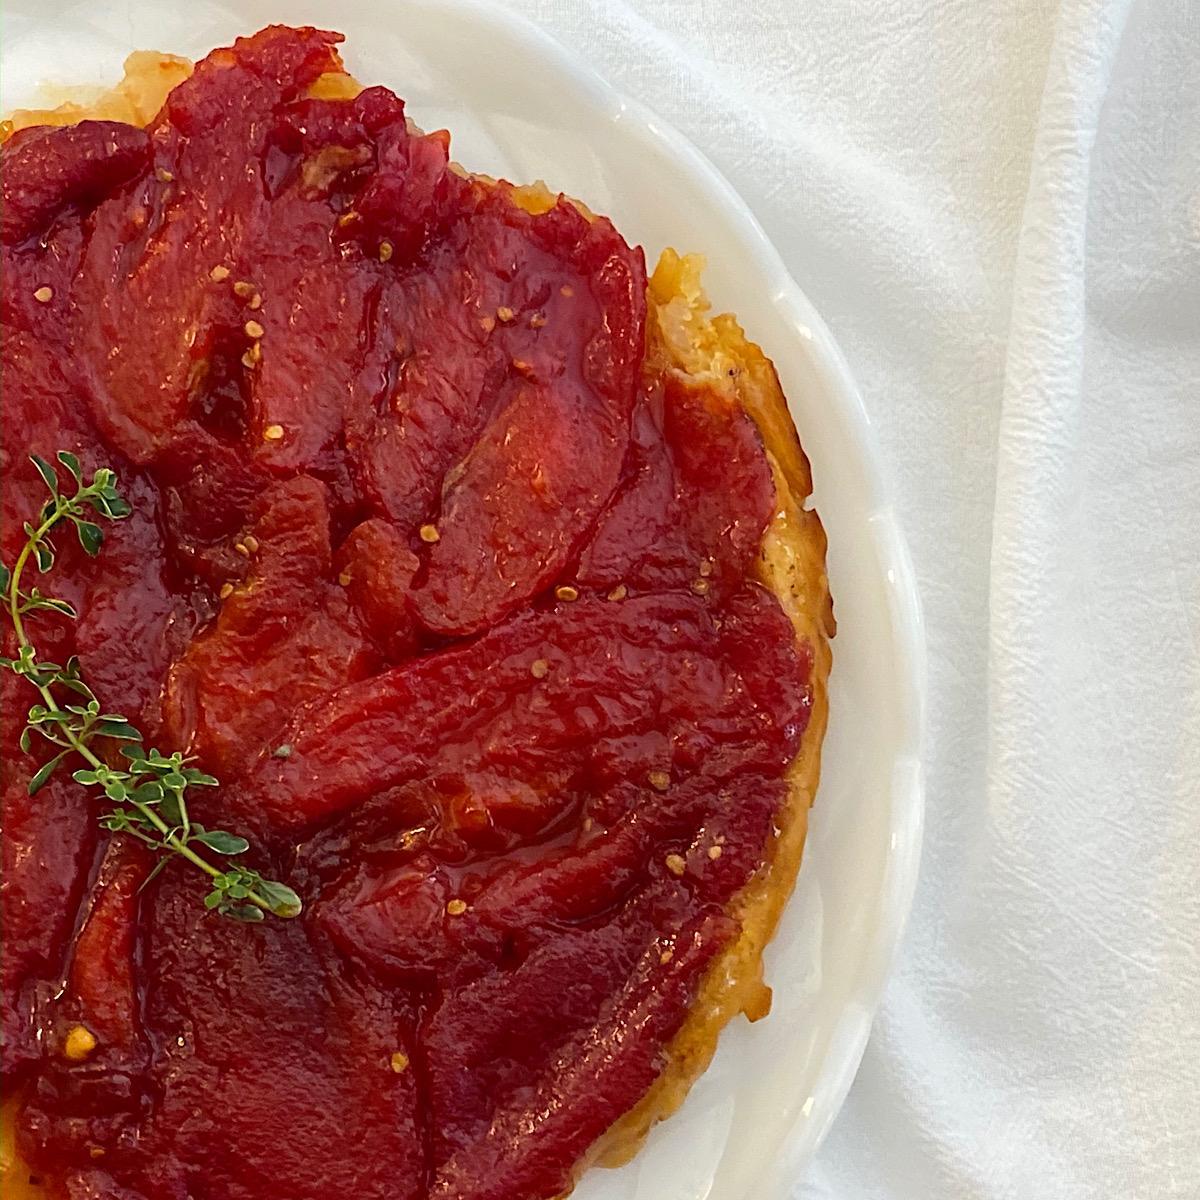 Caramelized Tomato Tarte Tatin with sprig of lemon thyme